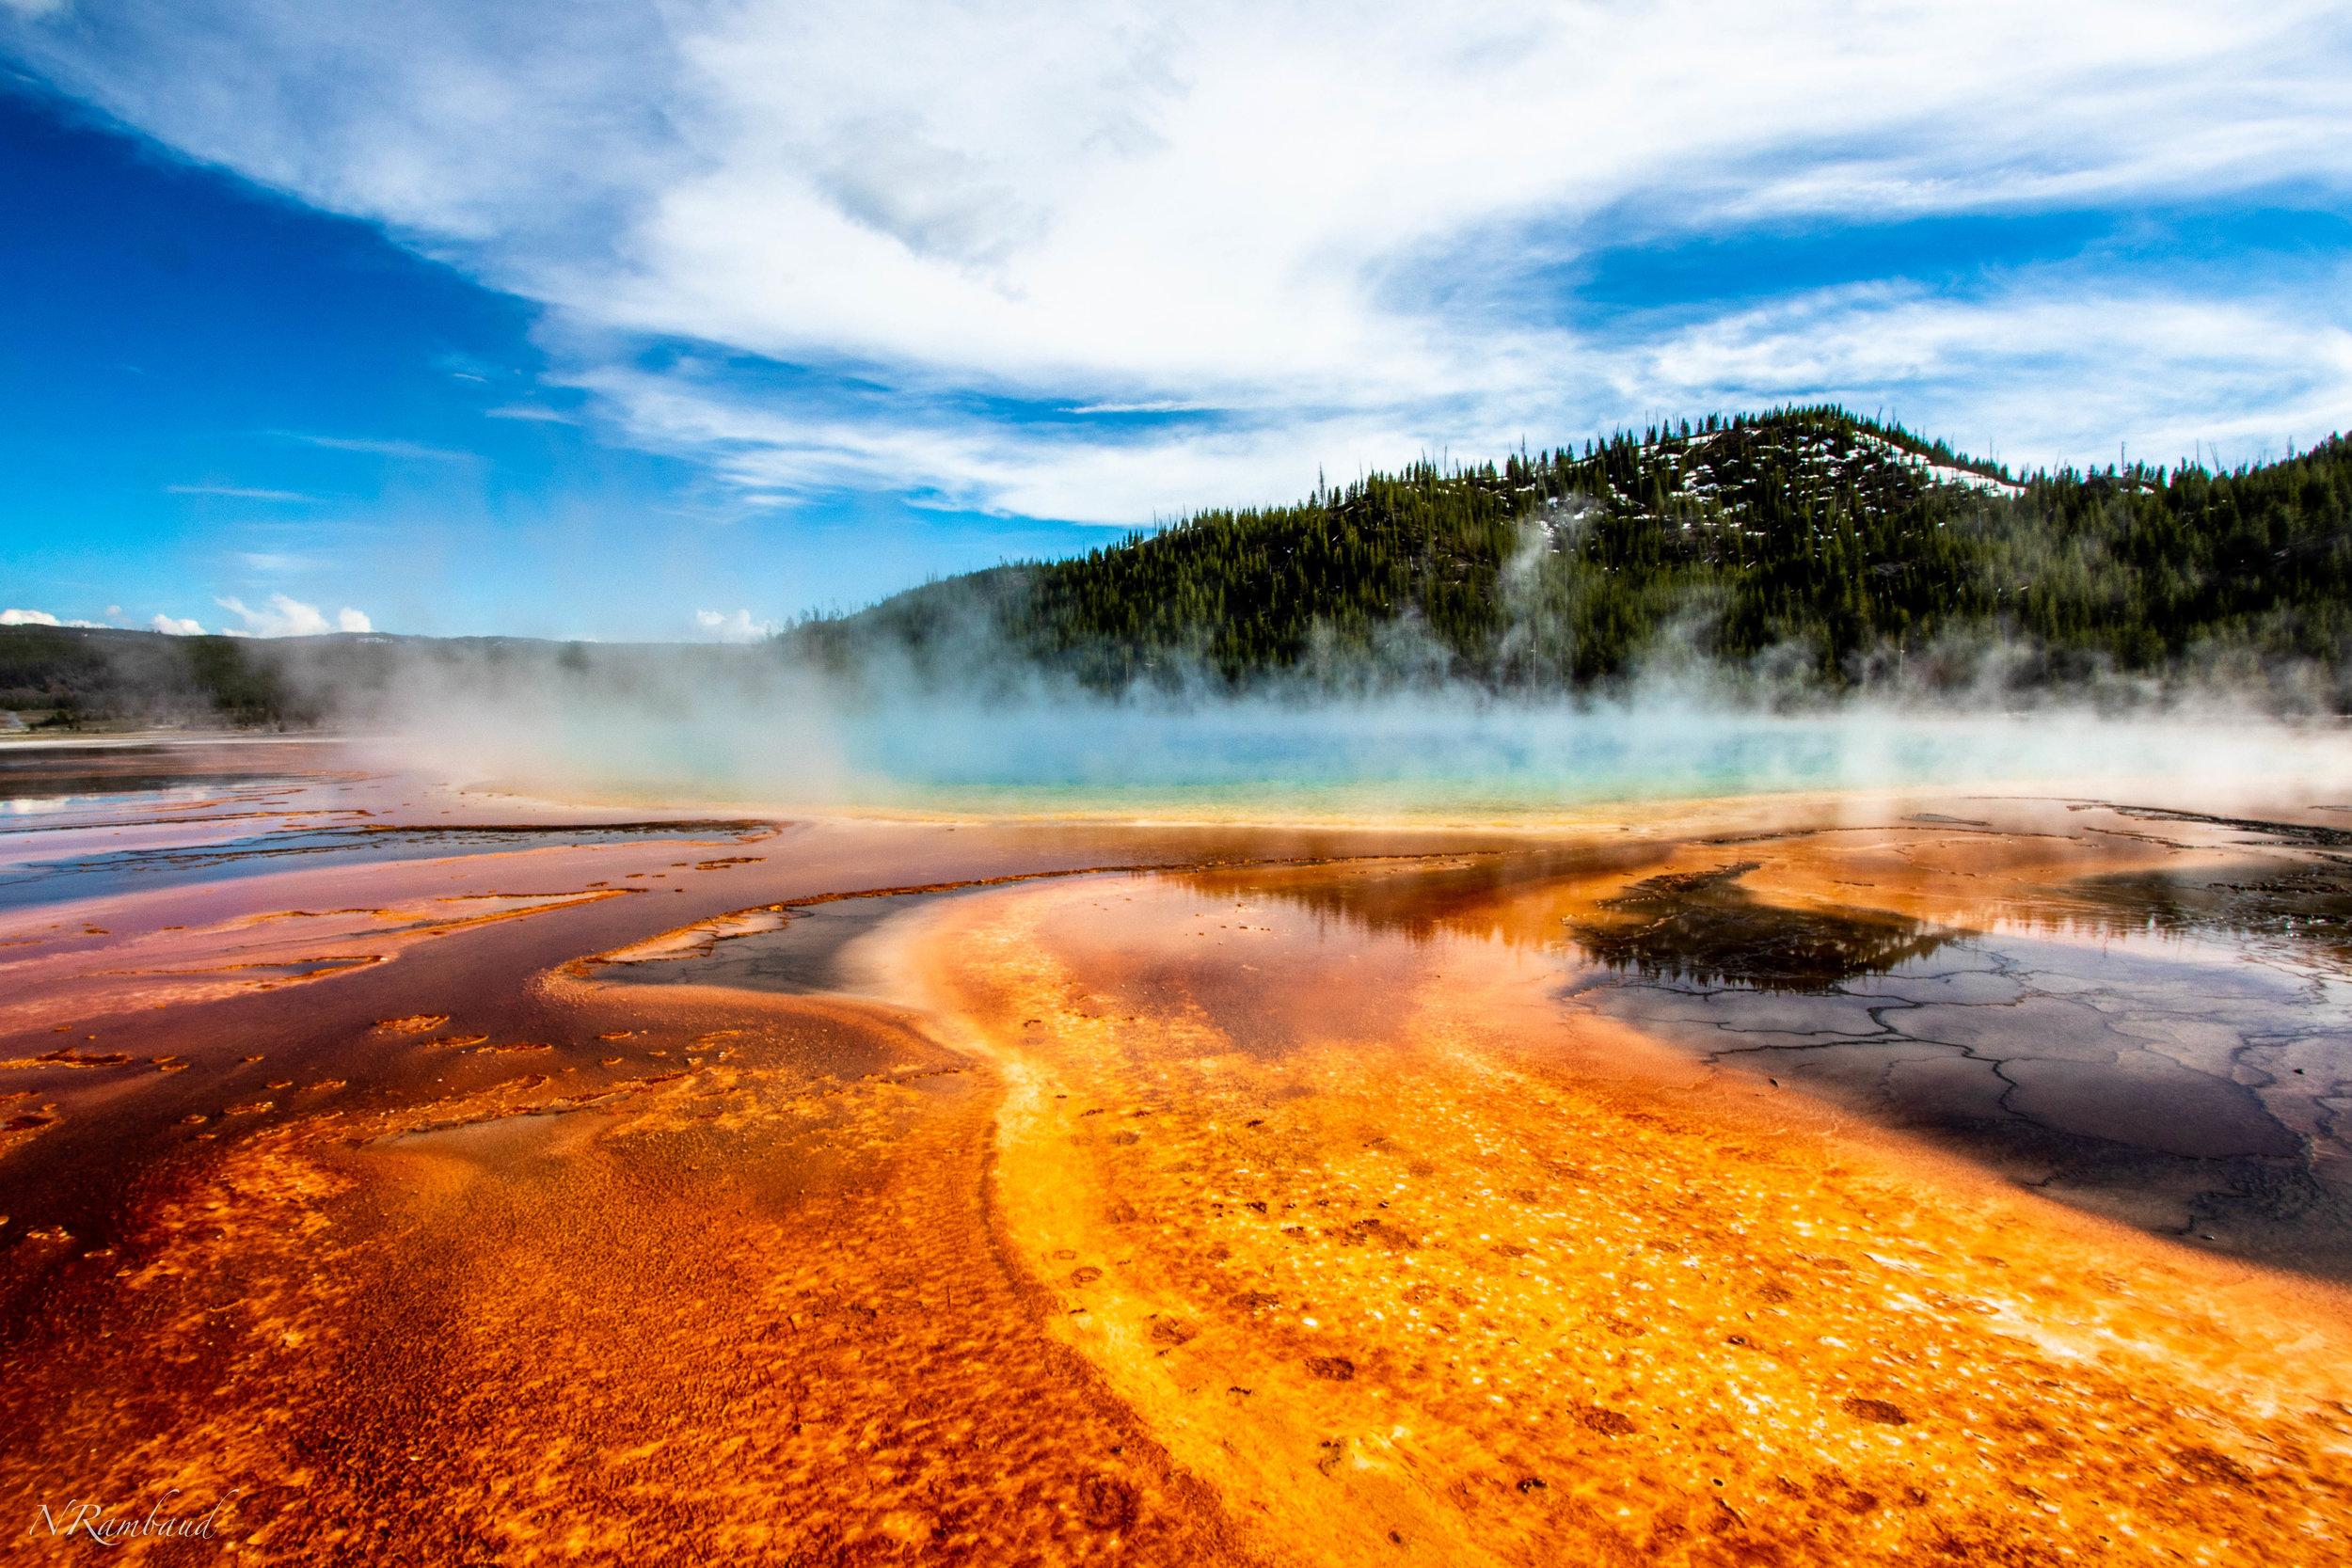 Yellowstone - Para un familia la cual le es difícil viajar lejos, Yellowstone, el parque nacional más hermoso de los Estados Unidos es un destino que debe ser considerado. Fácil de llegar por aire o conduciendo. Una semana en este paraíso terrenal traera momentos de relajación total a la familia mientras disfrutan de los paisajes increíbles del centro de los Estados Unidos. Desde bisontes hasta osos y desde picos nevados hasta geysers y cataratas impresionantes, Yellowstone es un joya que añadirá momentos inolvidables a la historia familiar.